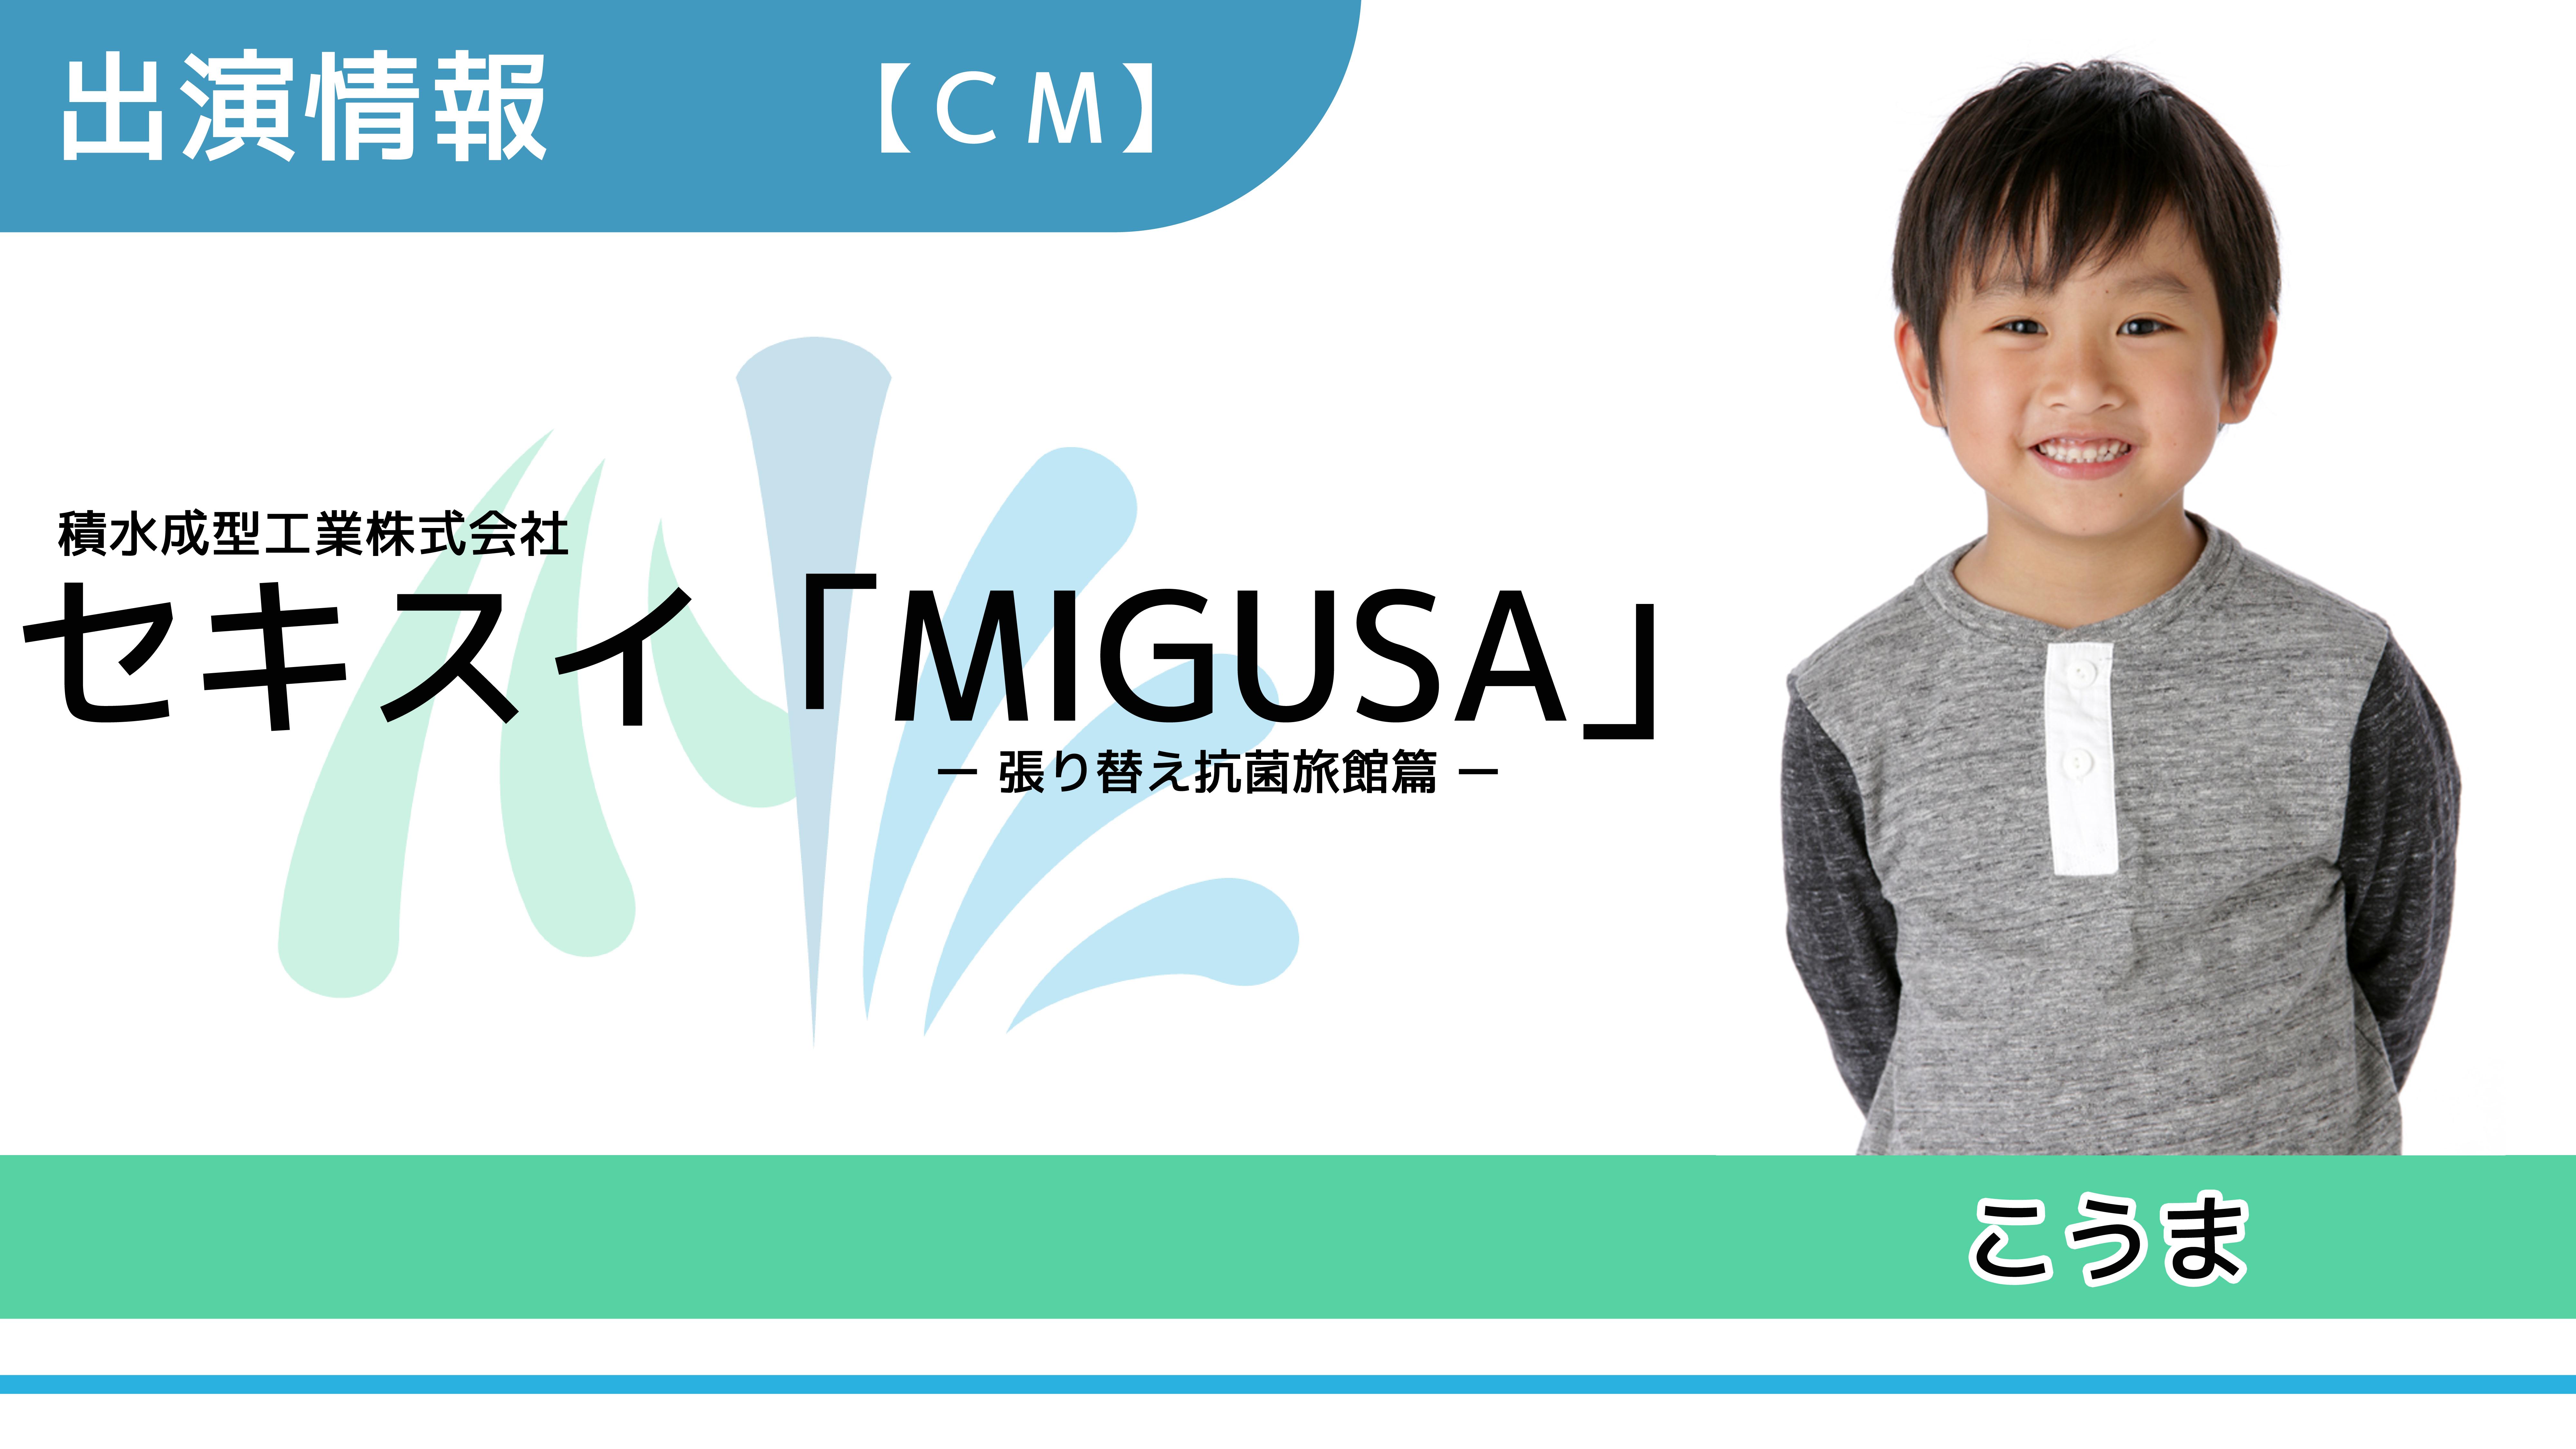 【出演情報】こうま / 積水成型工業「セキスイ畳 MIGUSA-張り替え抗菌旅館篇-」CM出演